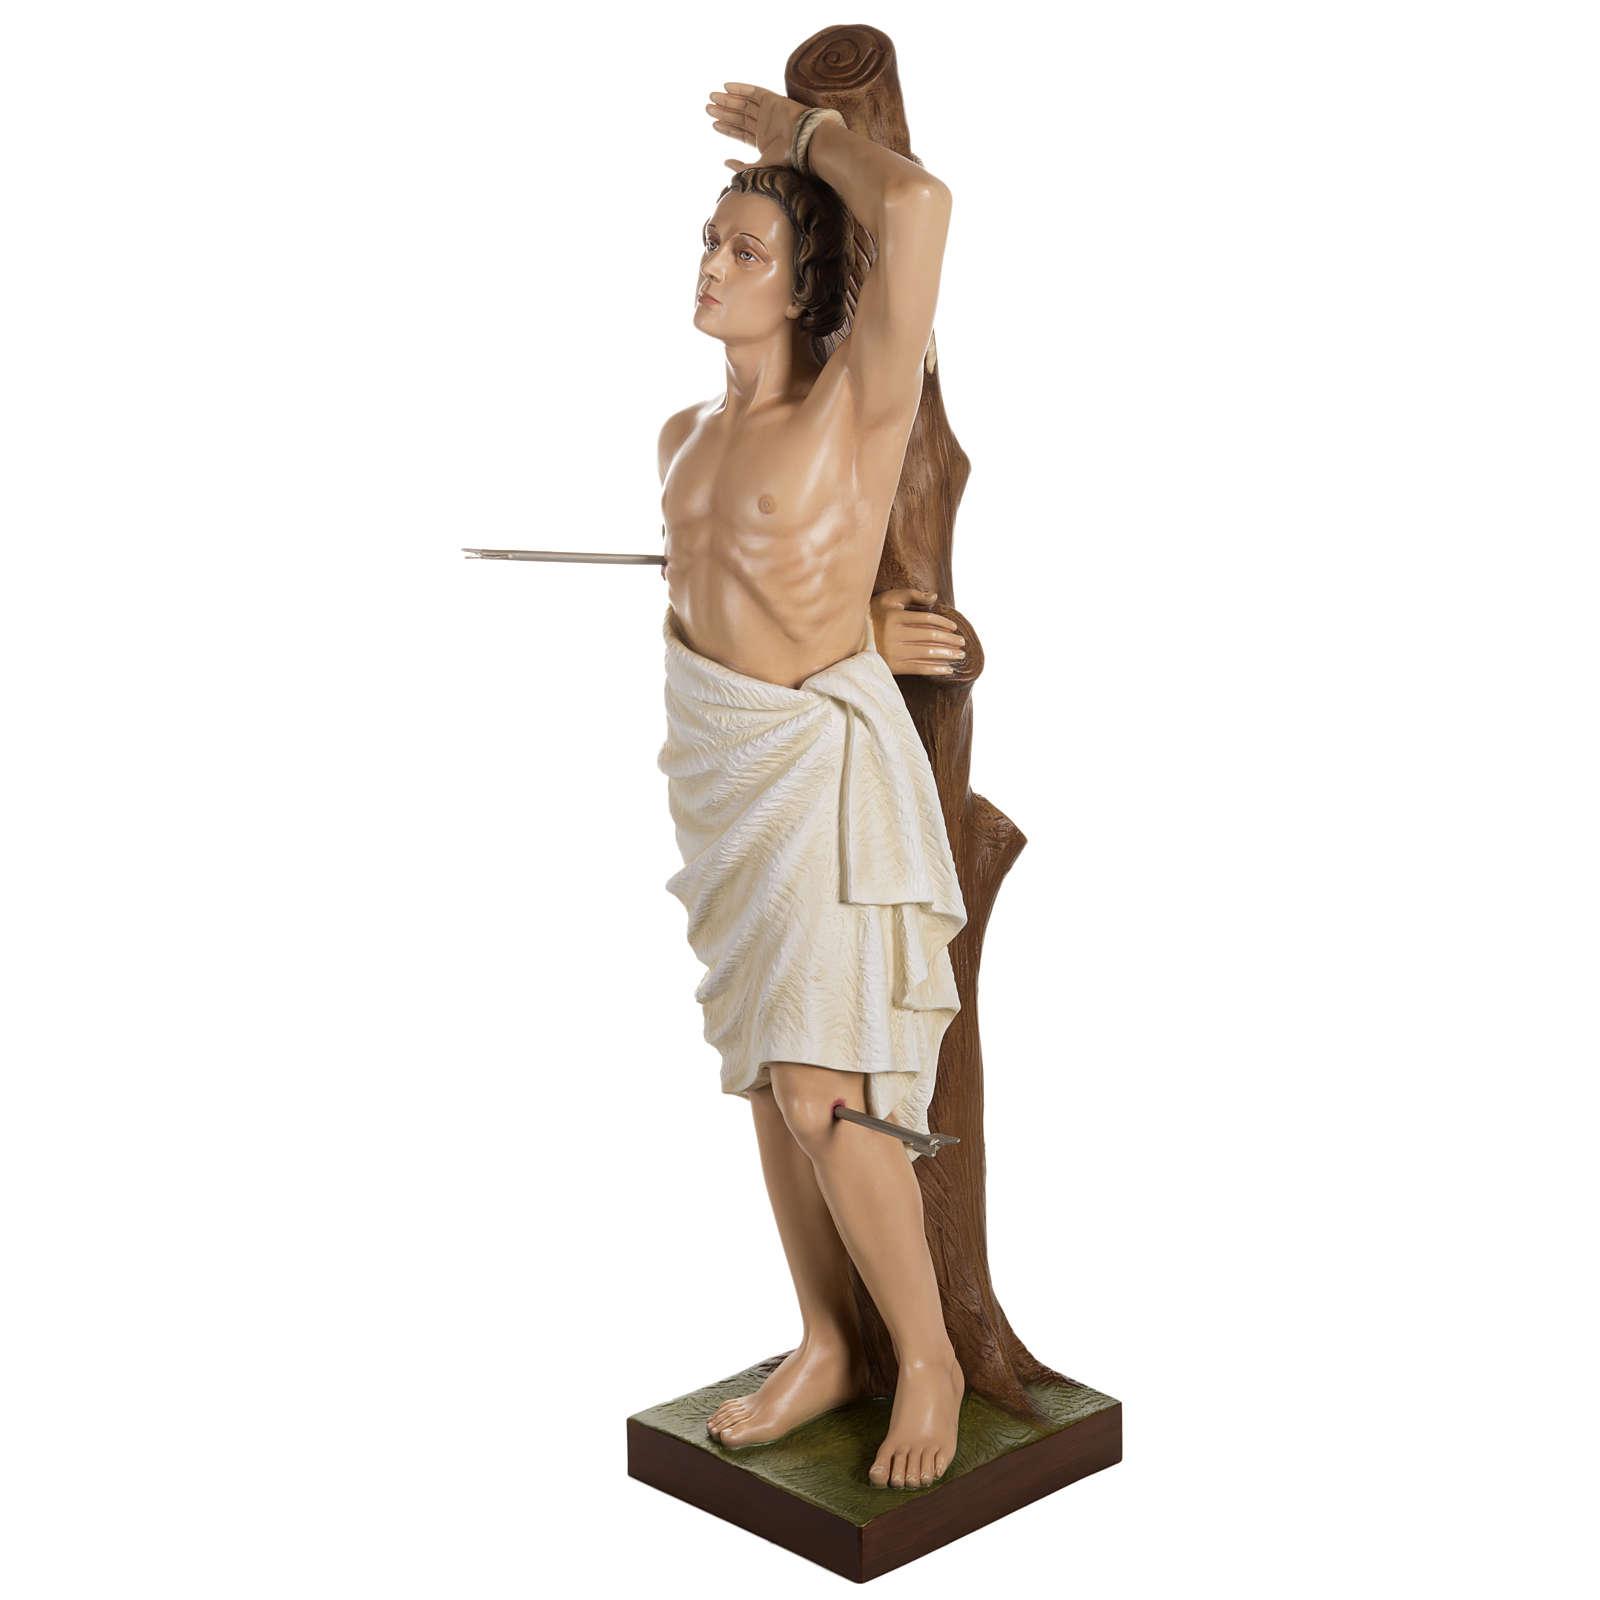 San Sebastiano vetroresina 125 cm 4